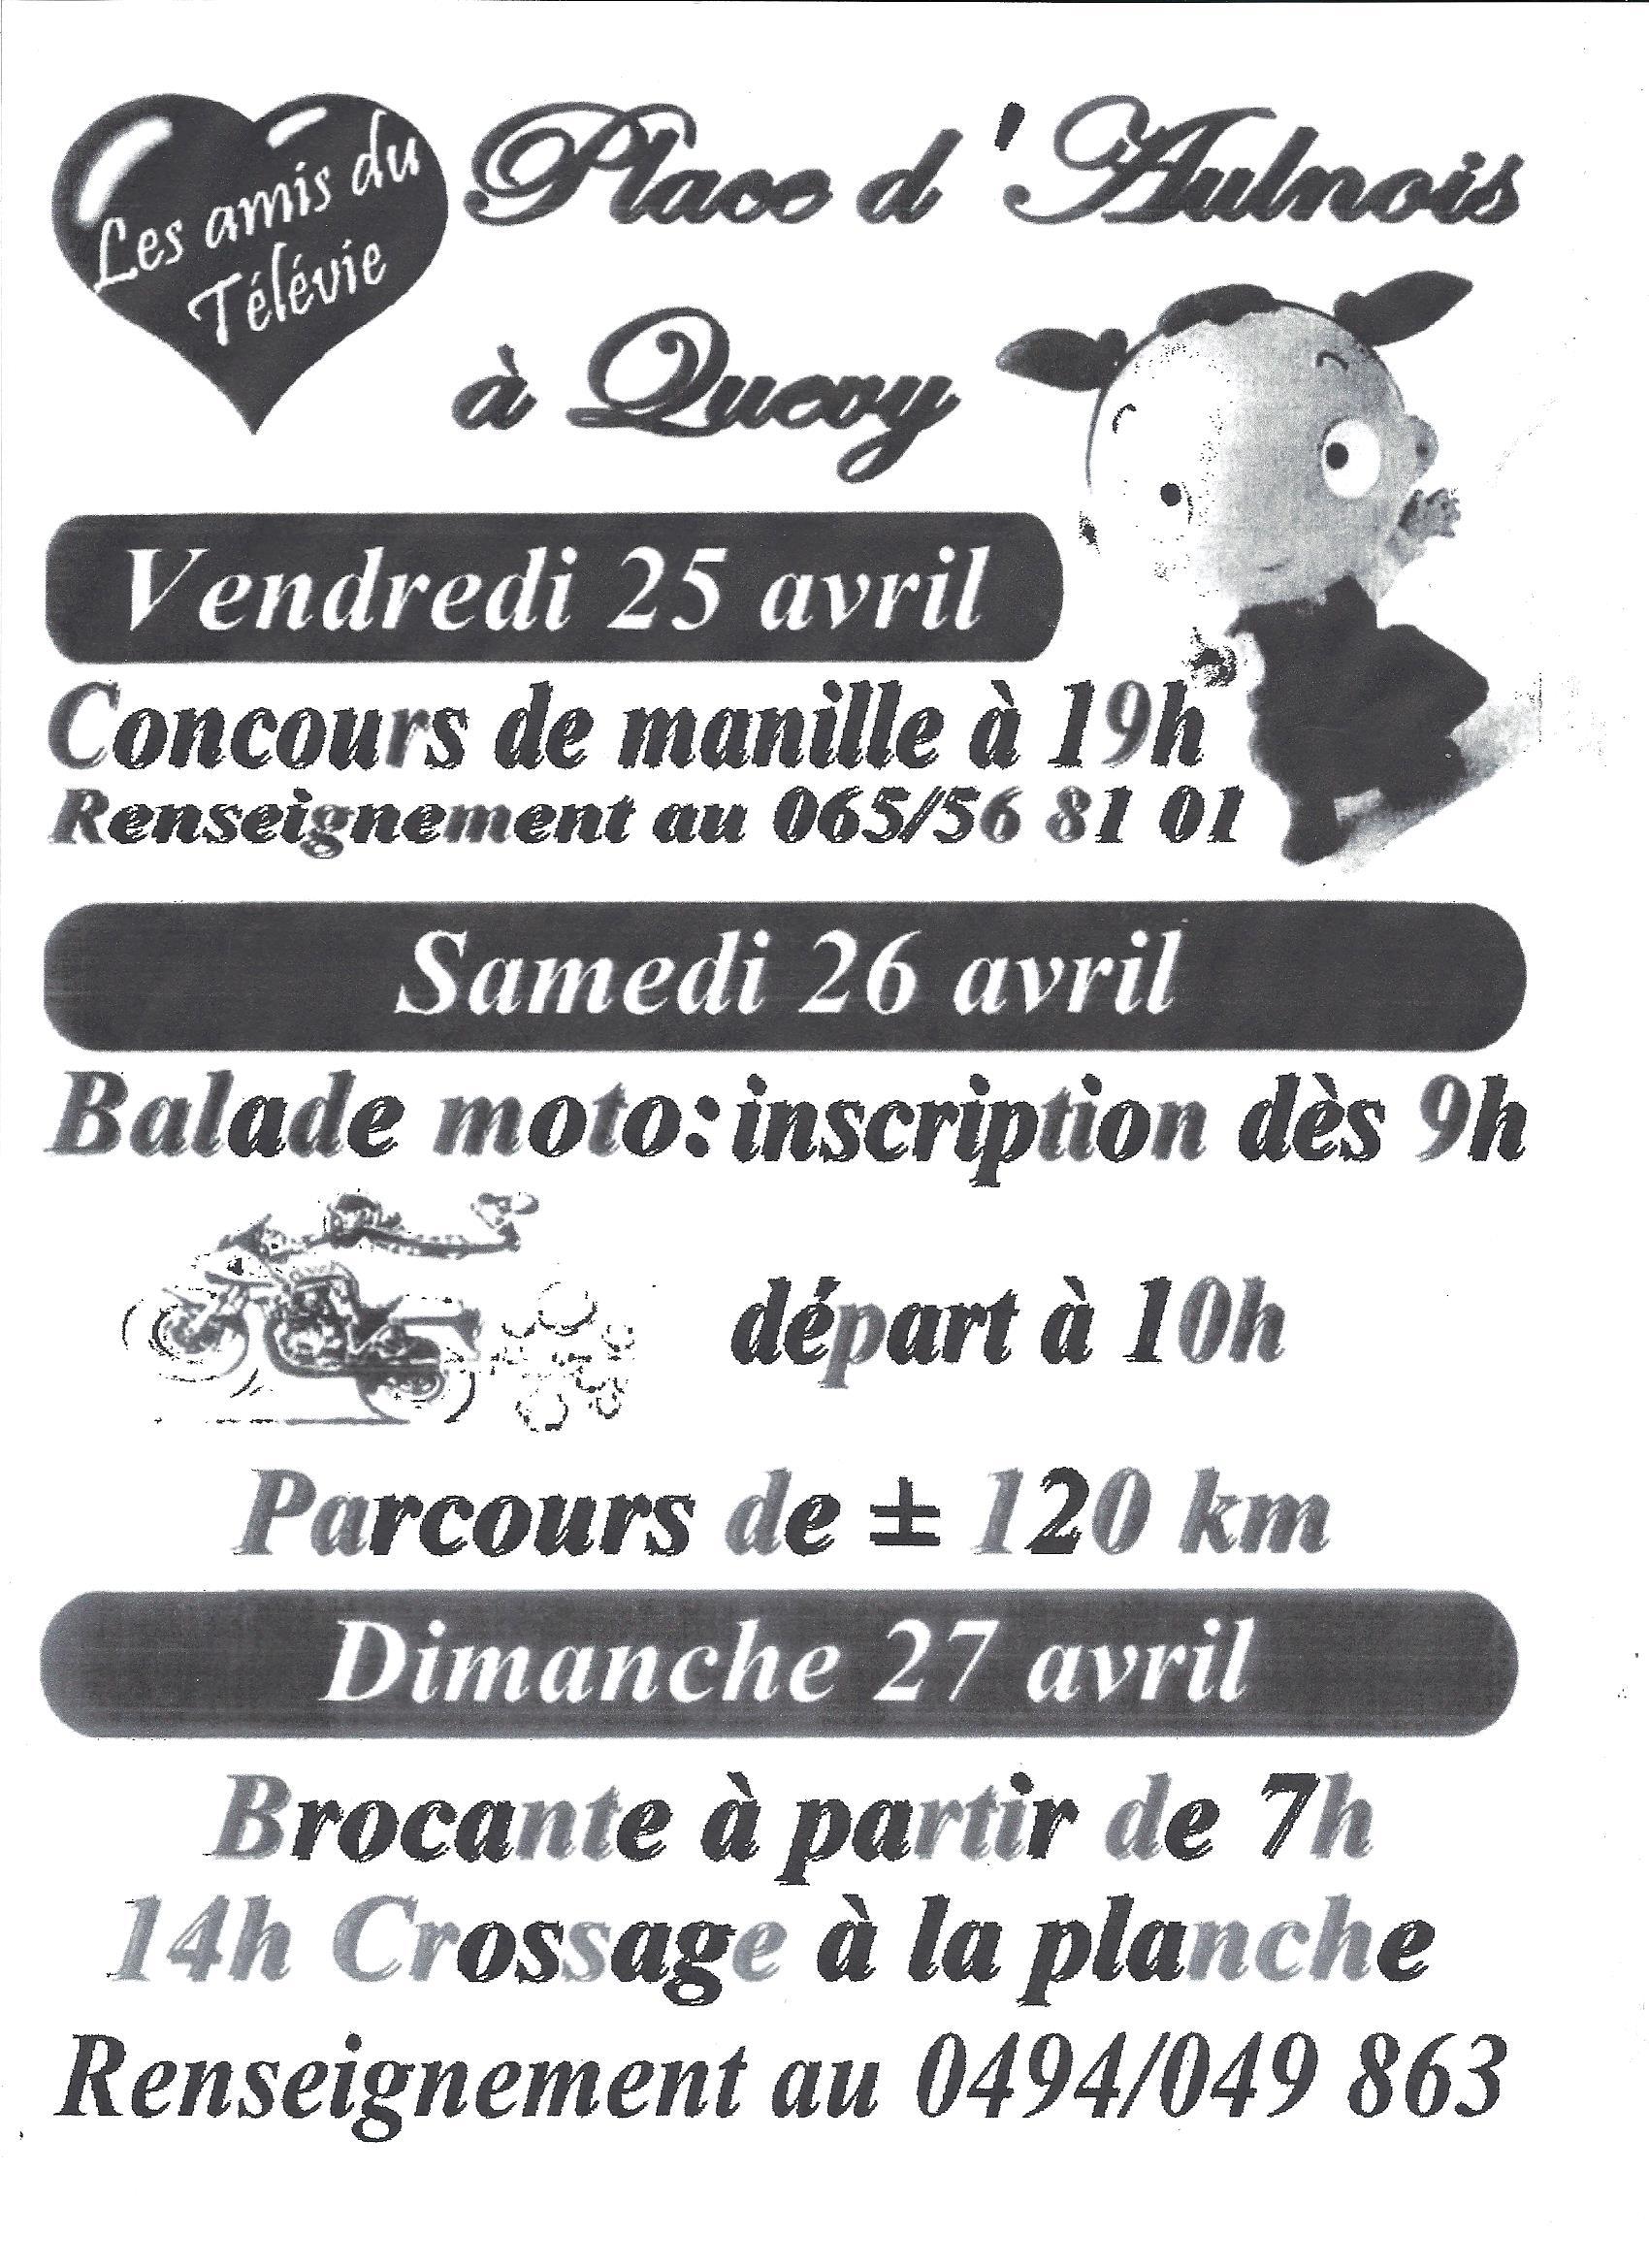 Balade Motos Télévie Aulnois 26 avril 2014